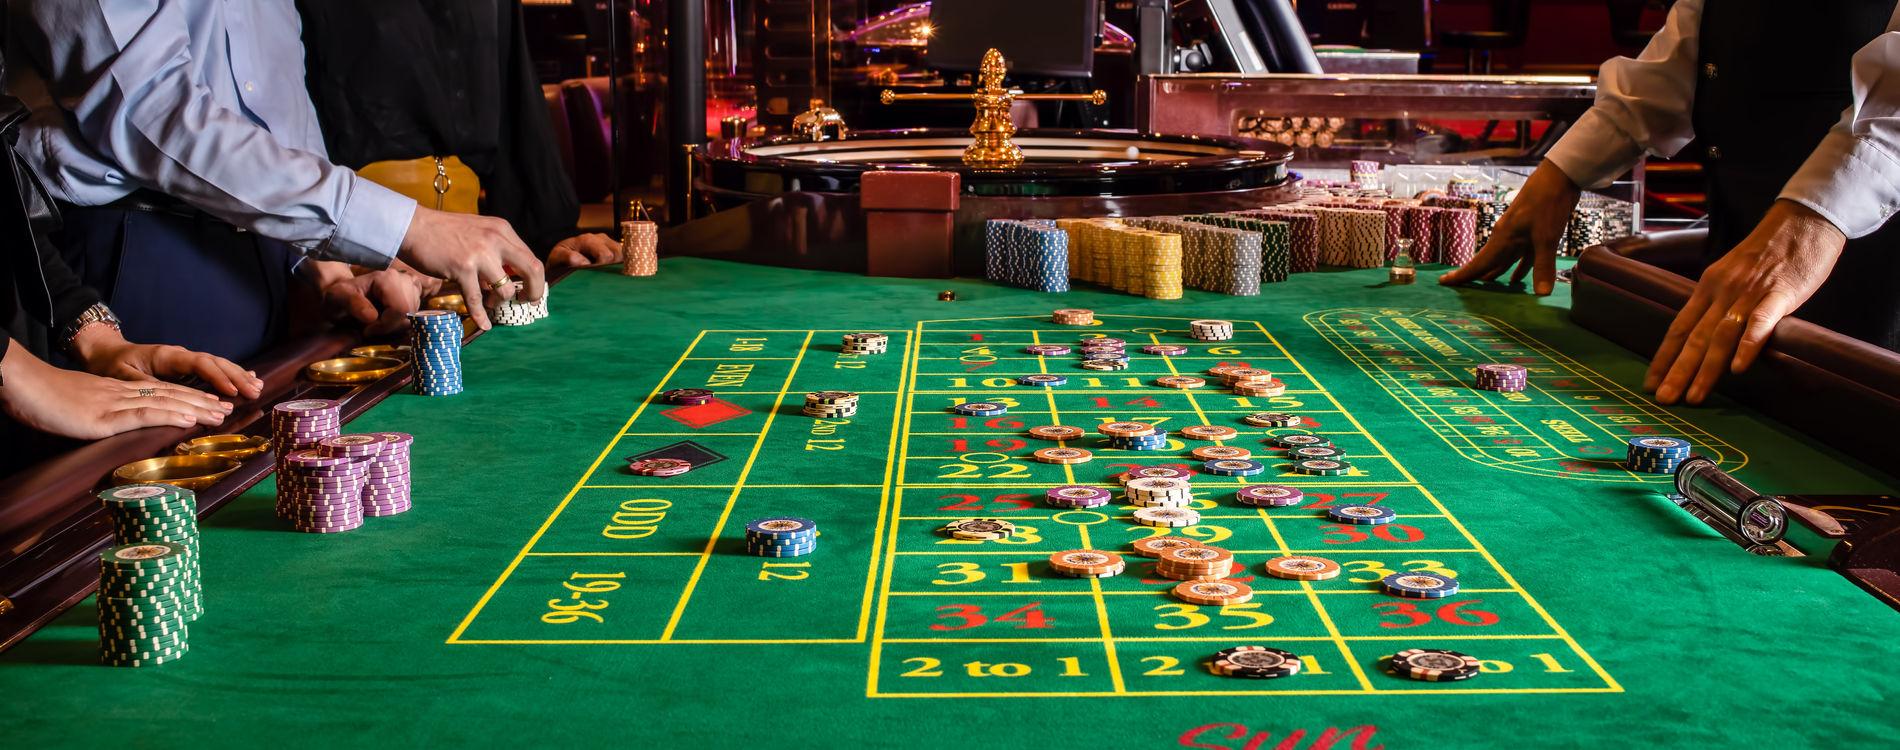 English roulette in Monaco | Monte-Carlo Société des Bains de Mer